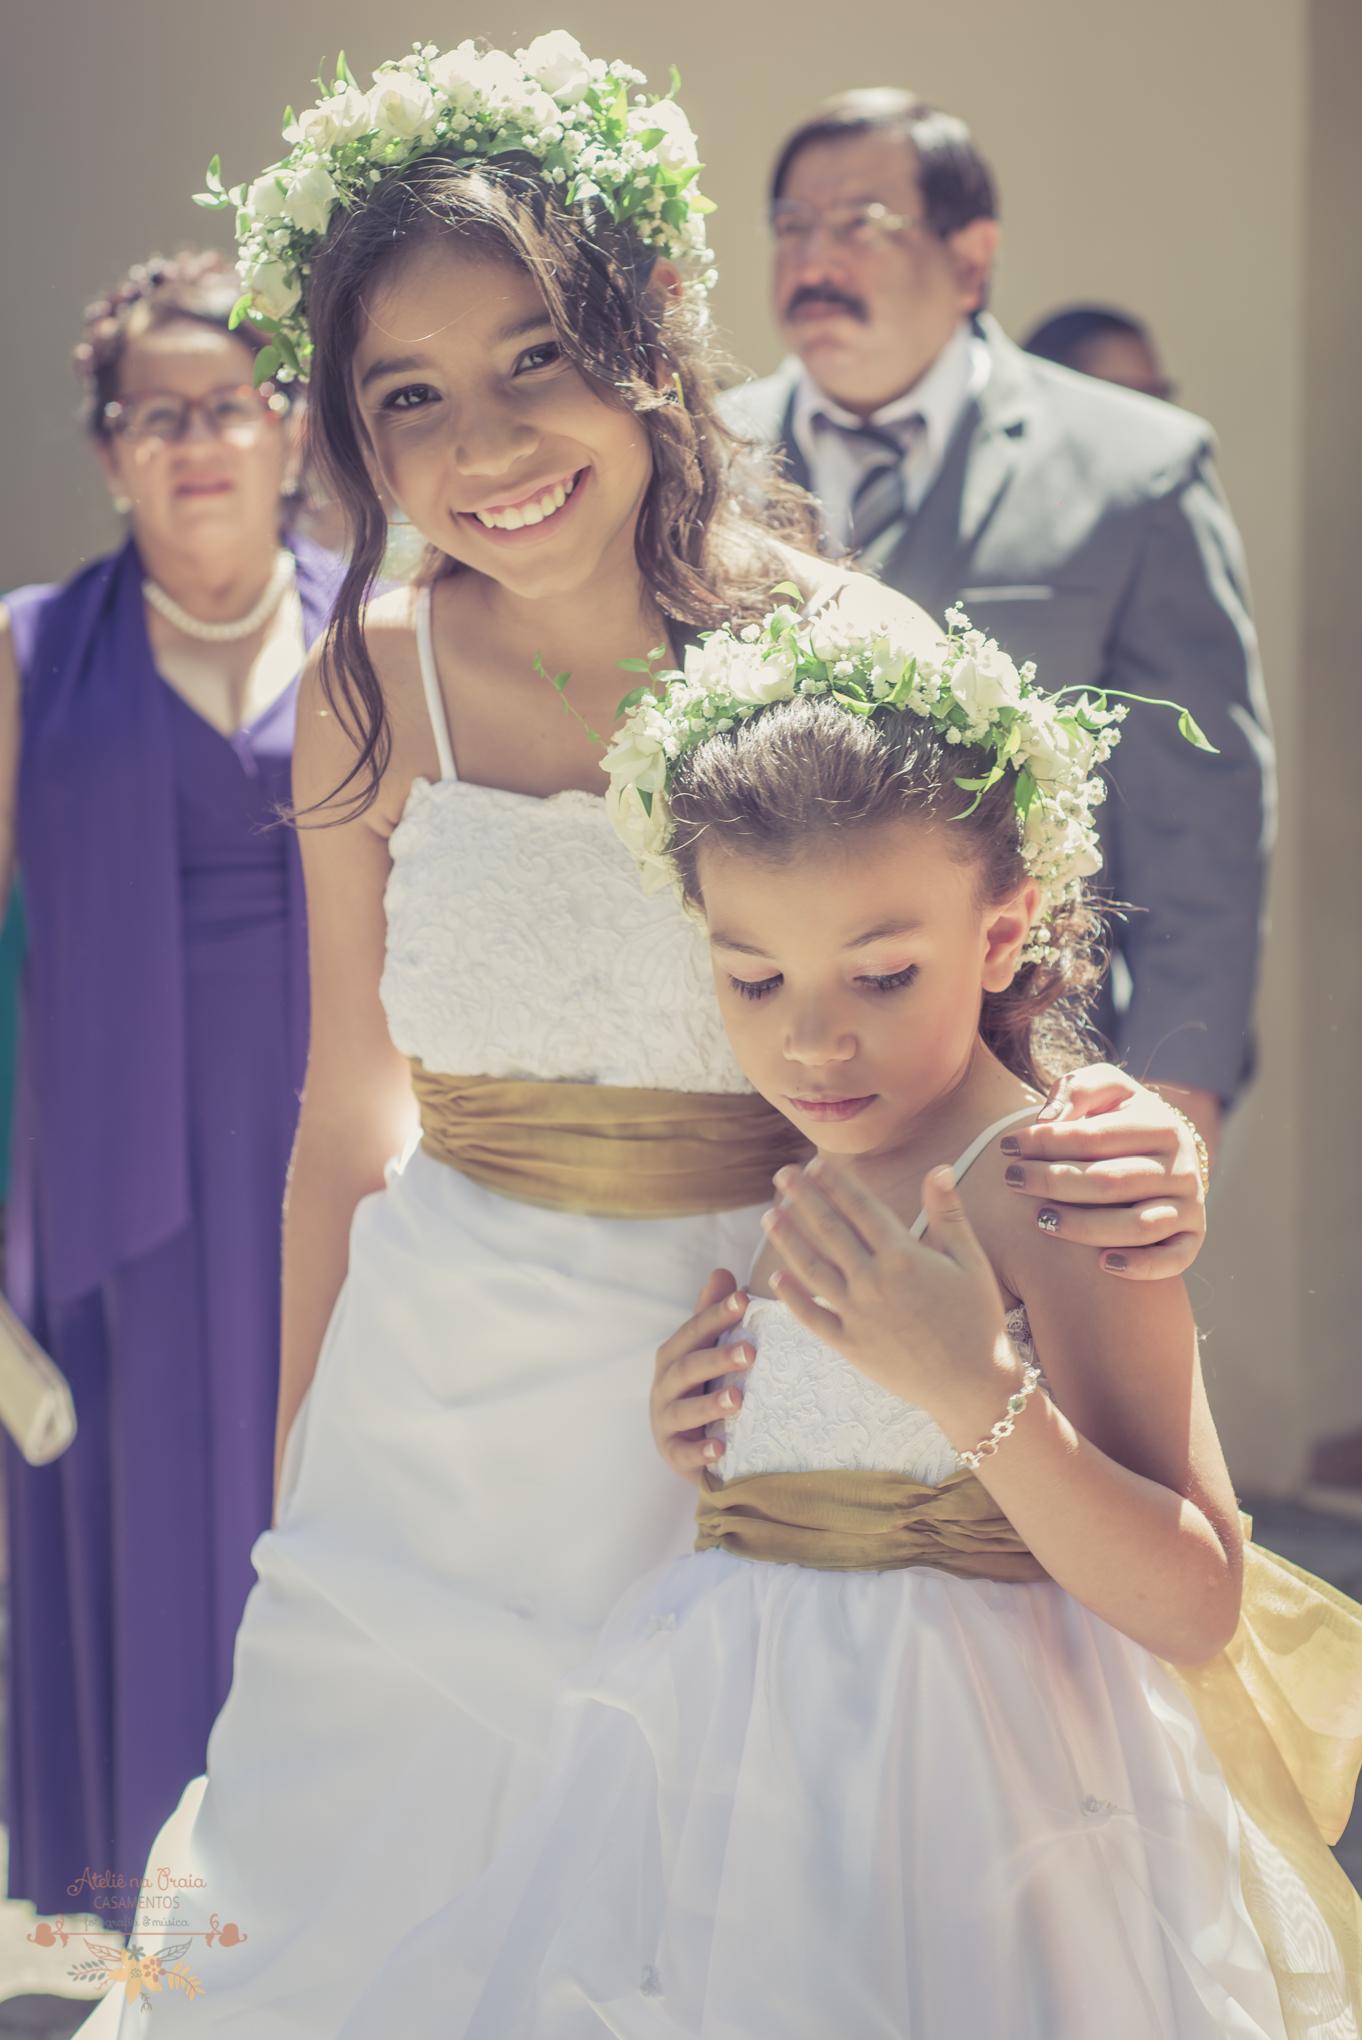 04-Atelie-na-Praia-Casamento-Yasmine-Anderson-3943